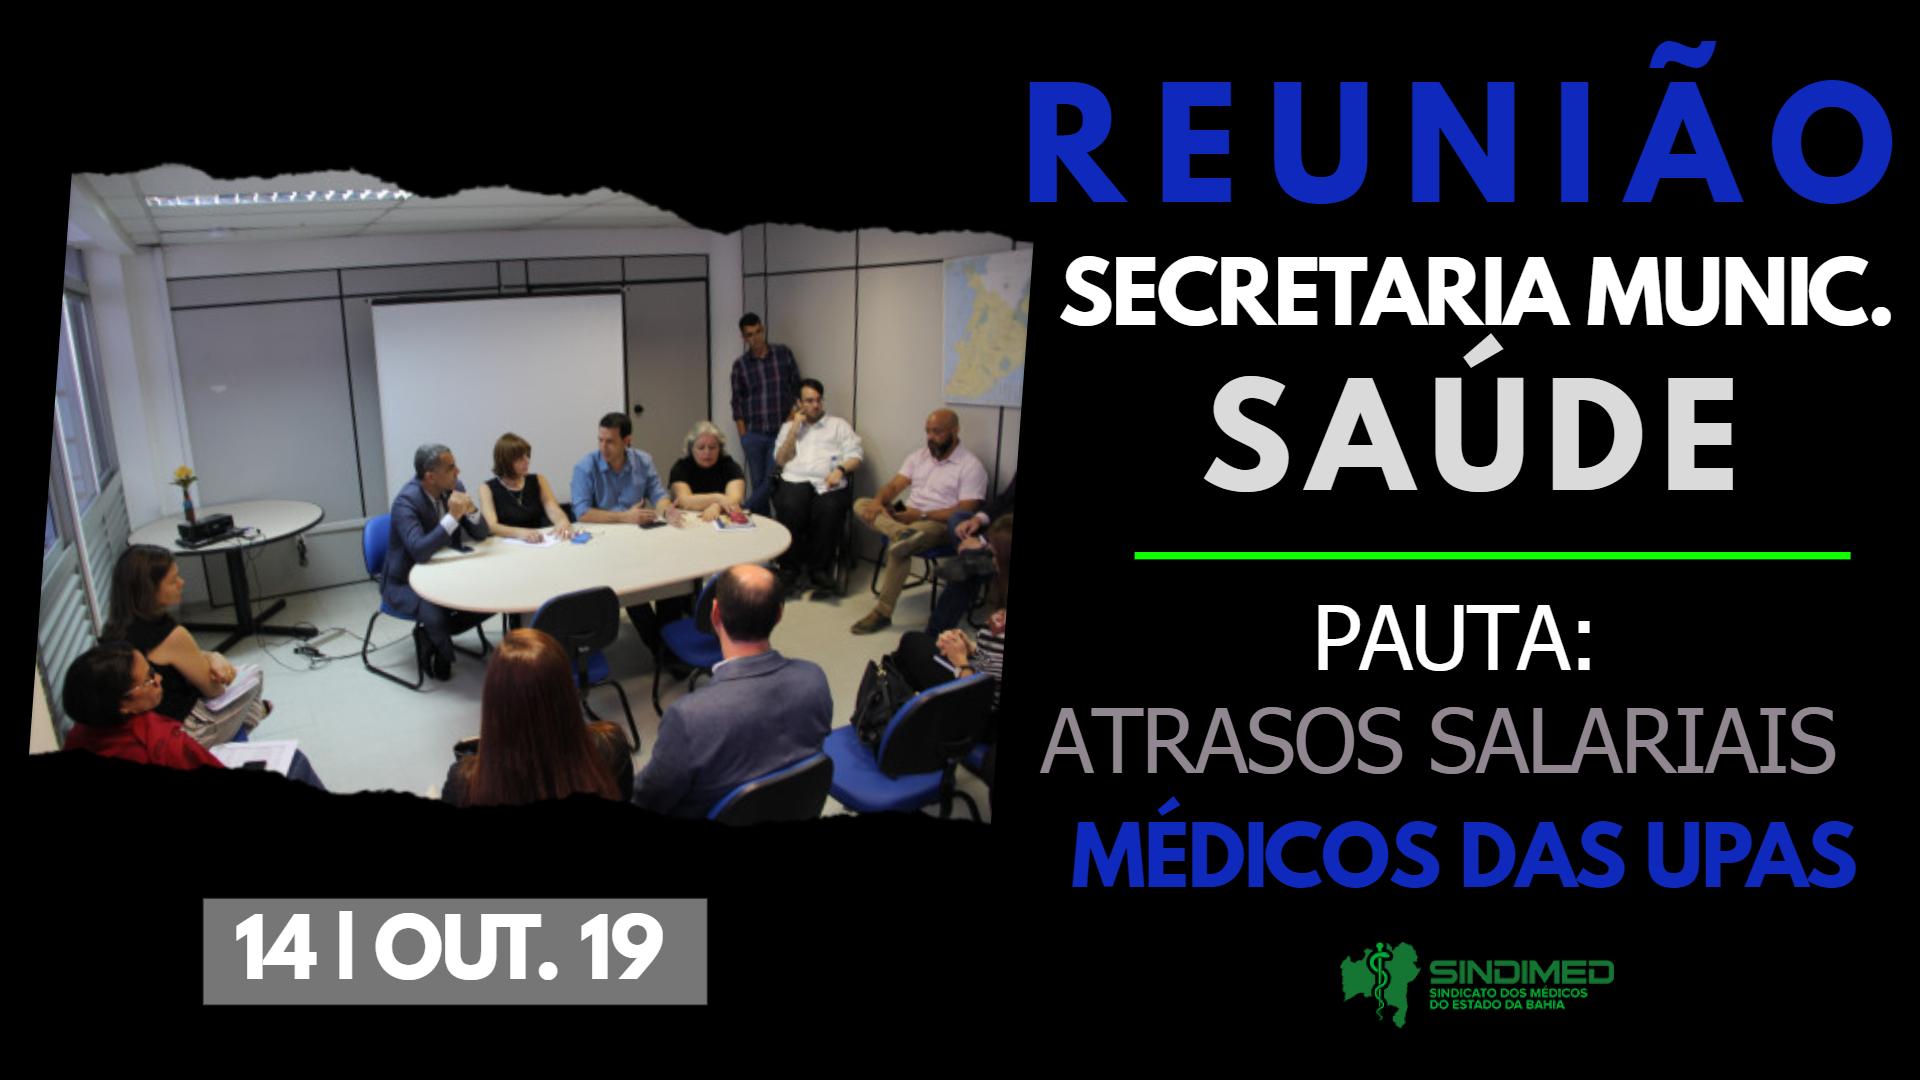 O Sindimed esteve, mais uma vez, em reunião na Secretaria Municipal da Saúde para tratar dos atrasos salariais dos médicos das UPAs. #SindimedBA #médicosdeSalvador #respeitopelavida